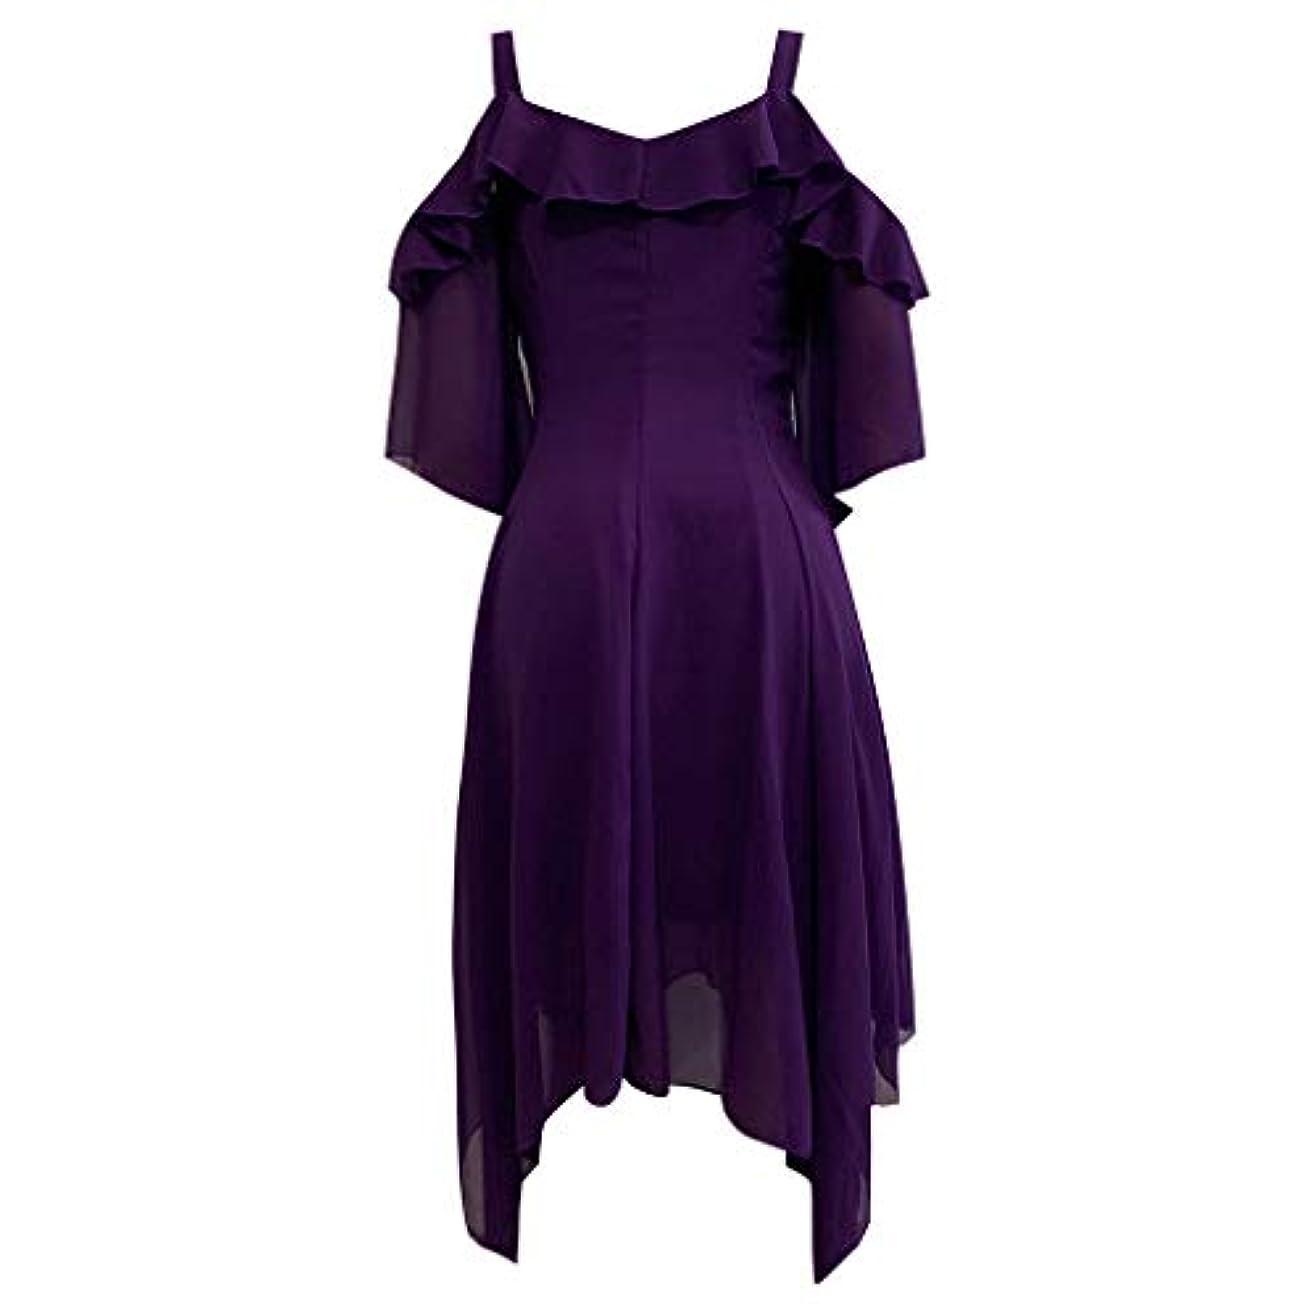 クレア誘う処理する貴族 ドレス お姫様 ケーキスカート Huliyun 豪華なドレス ウェディング 発表会 貴族風ドレス プリンセスライン オペラ 中世貴族風 演奏会ドレス ステージドレス ブ シンデレラドレス コスチューム ドレス